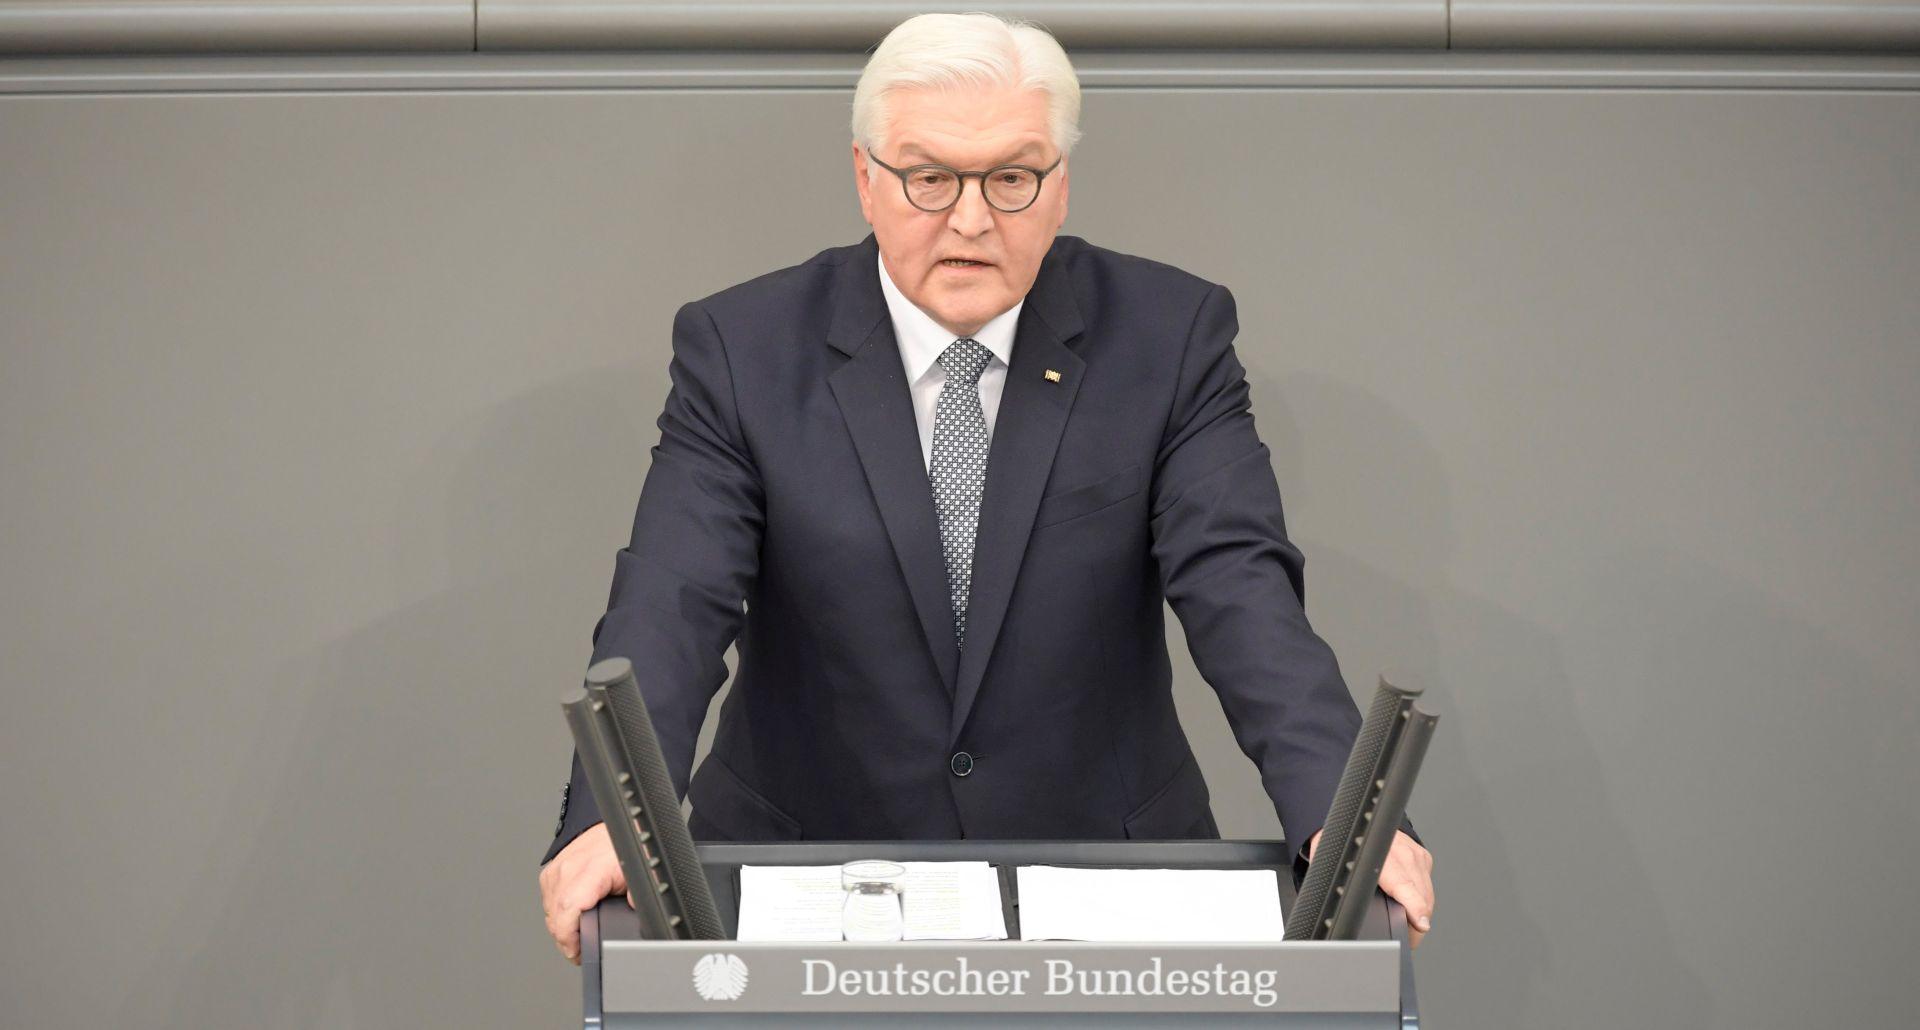 Njemački predsjednik odbacuje zahtjeve Poljske za ratnom odštetom